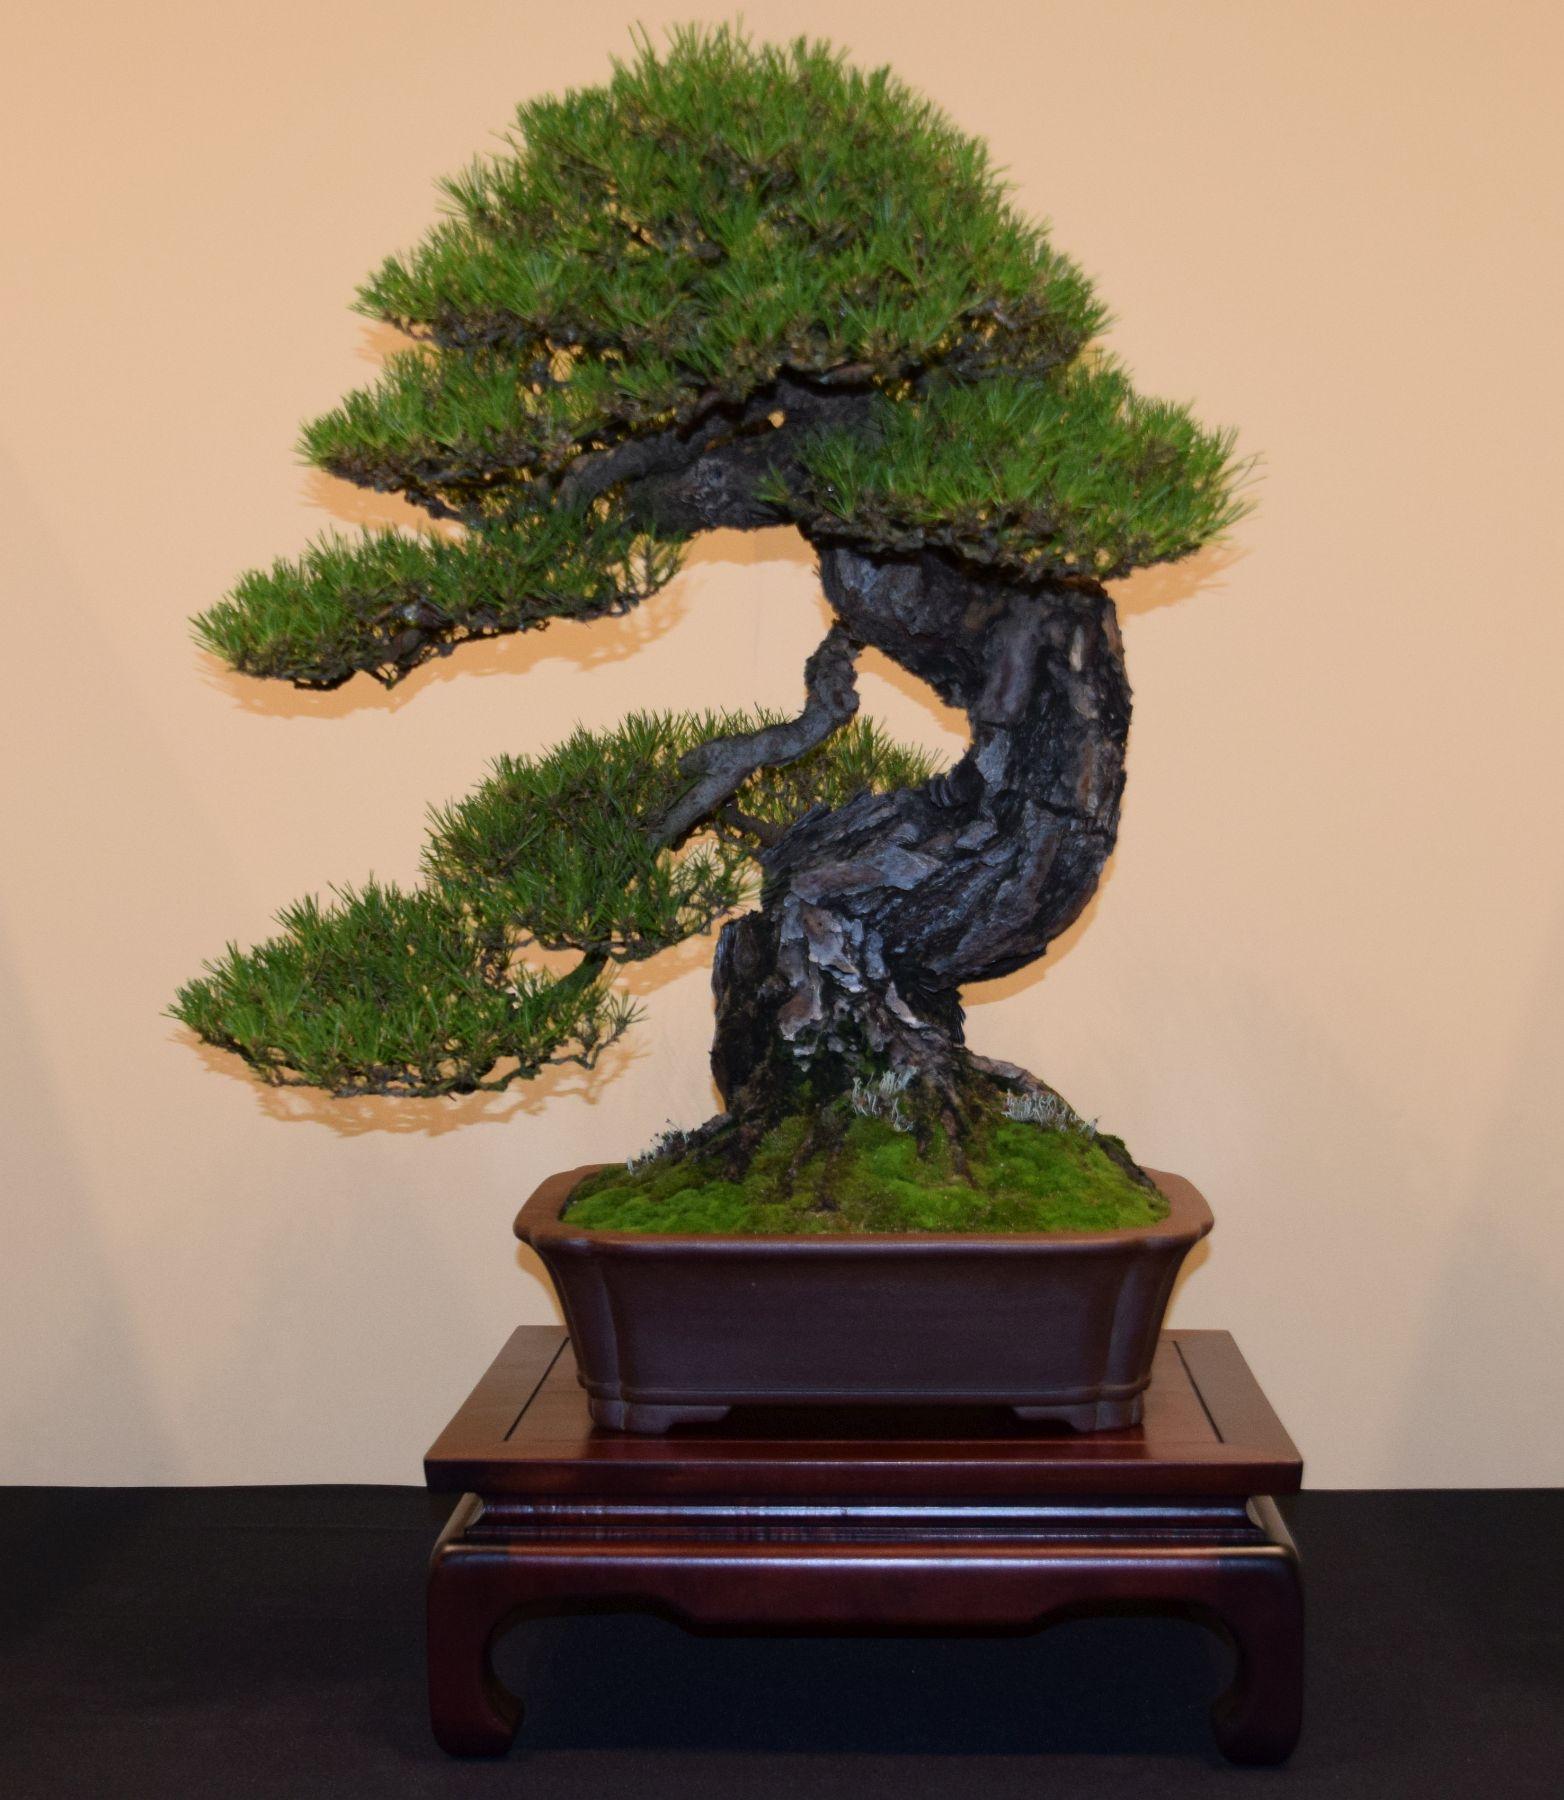 euk-bonsai-ten-2016-jp-polmans-collectie-009